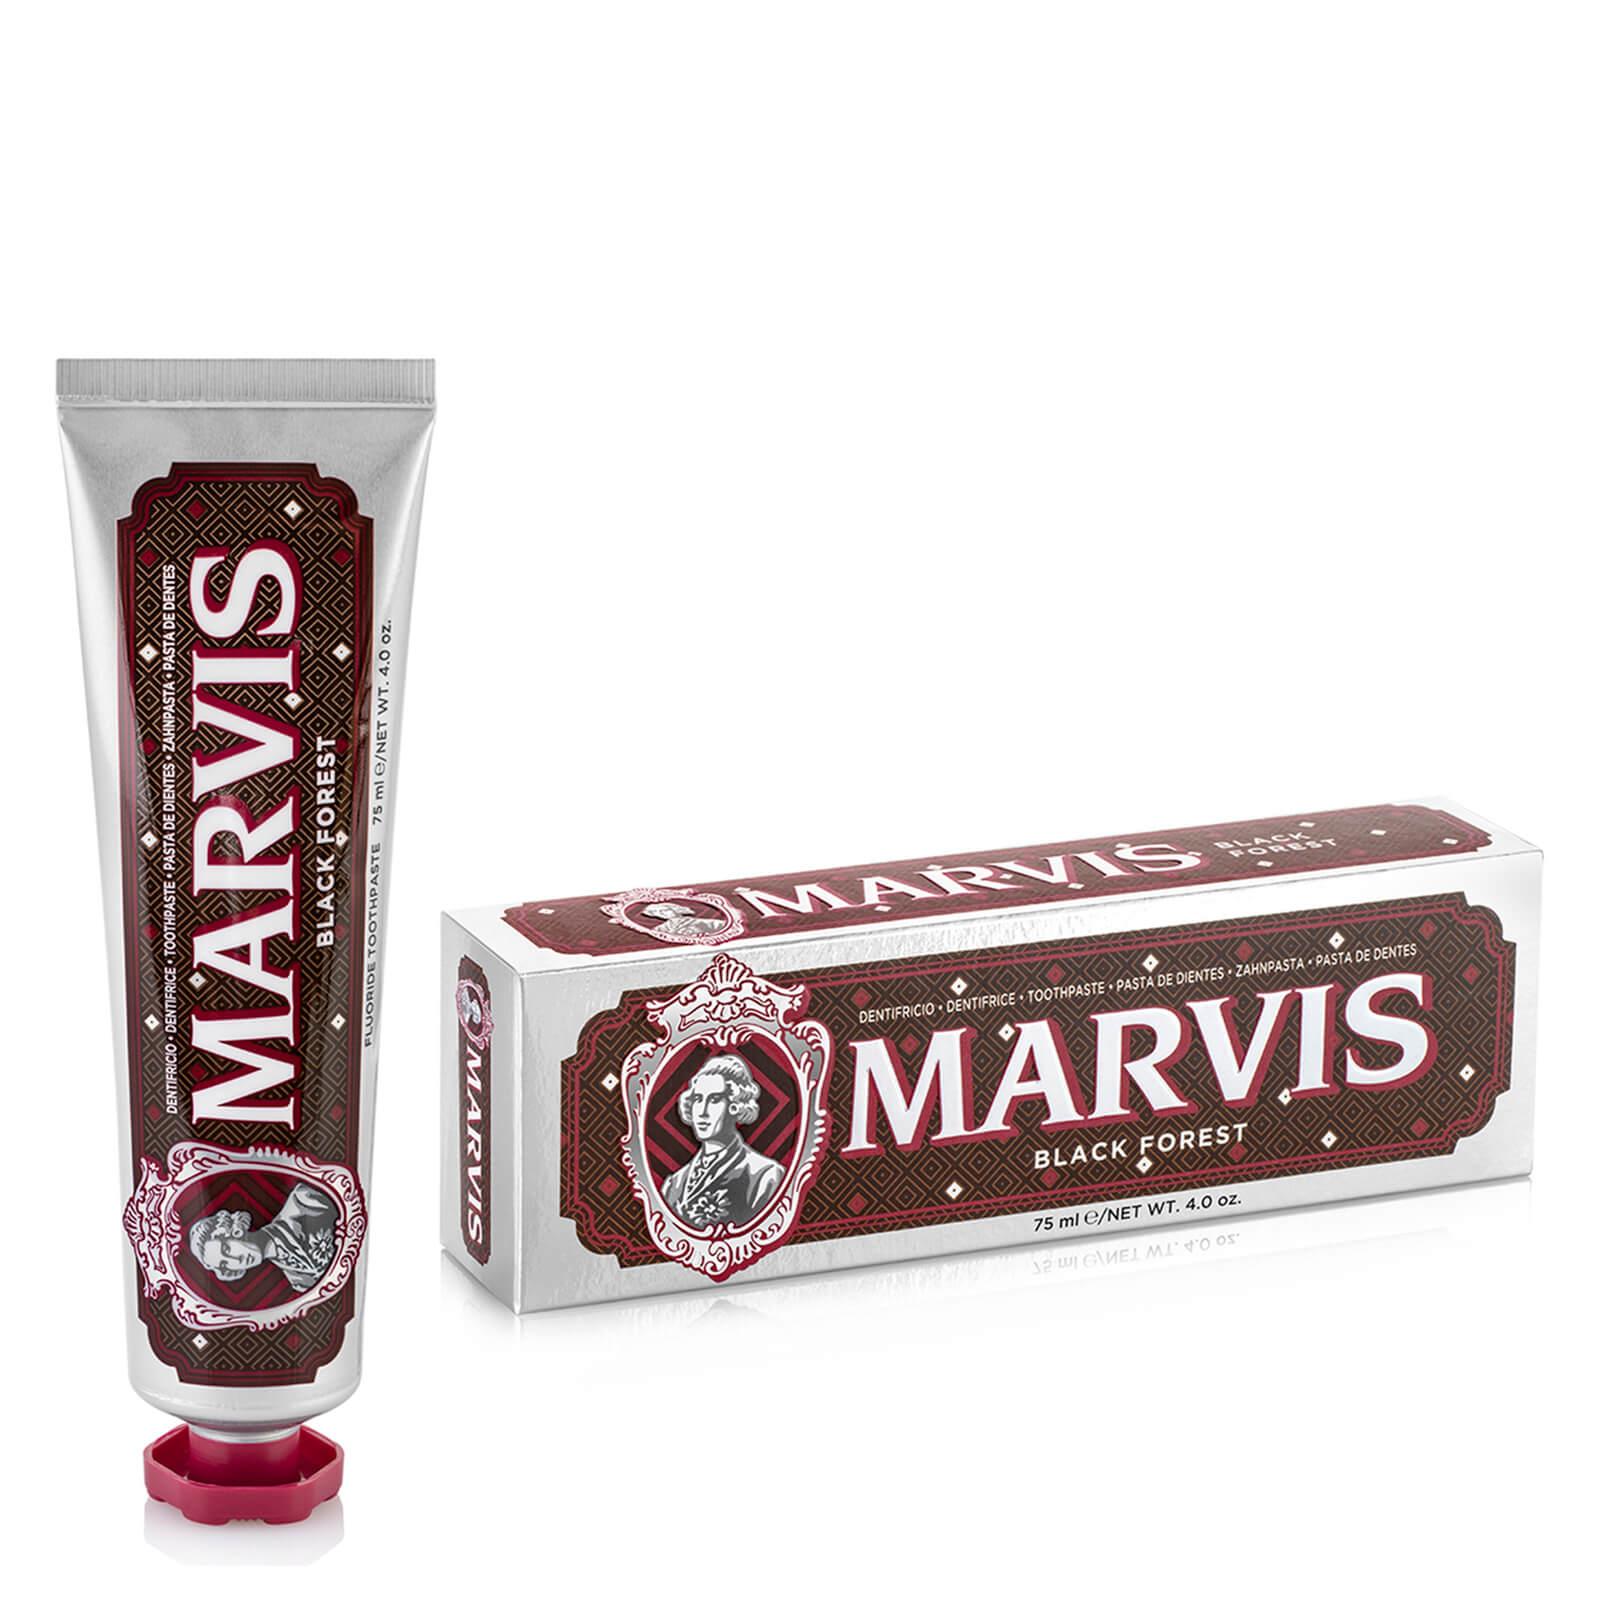 Marvis 限量黑森林 巧克力薄荷牙膏 75ml